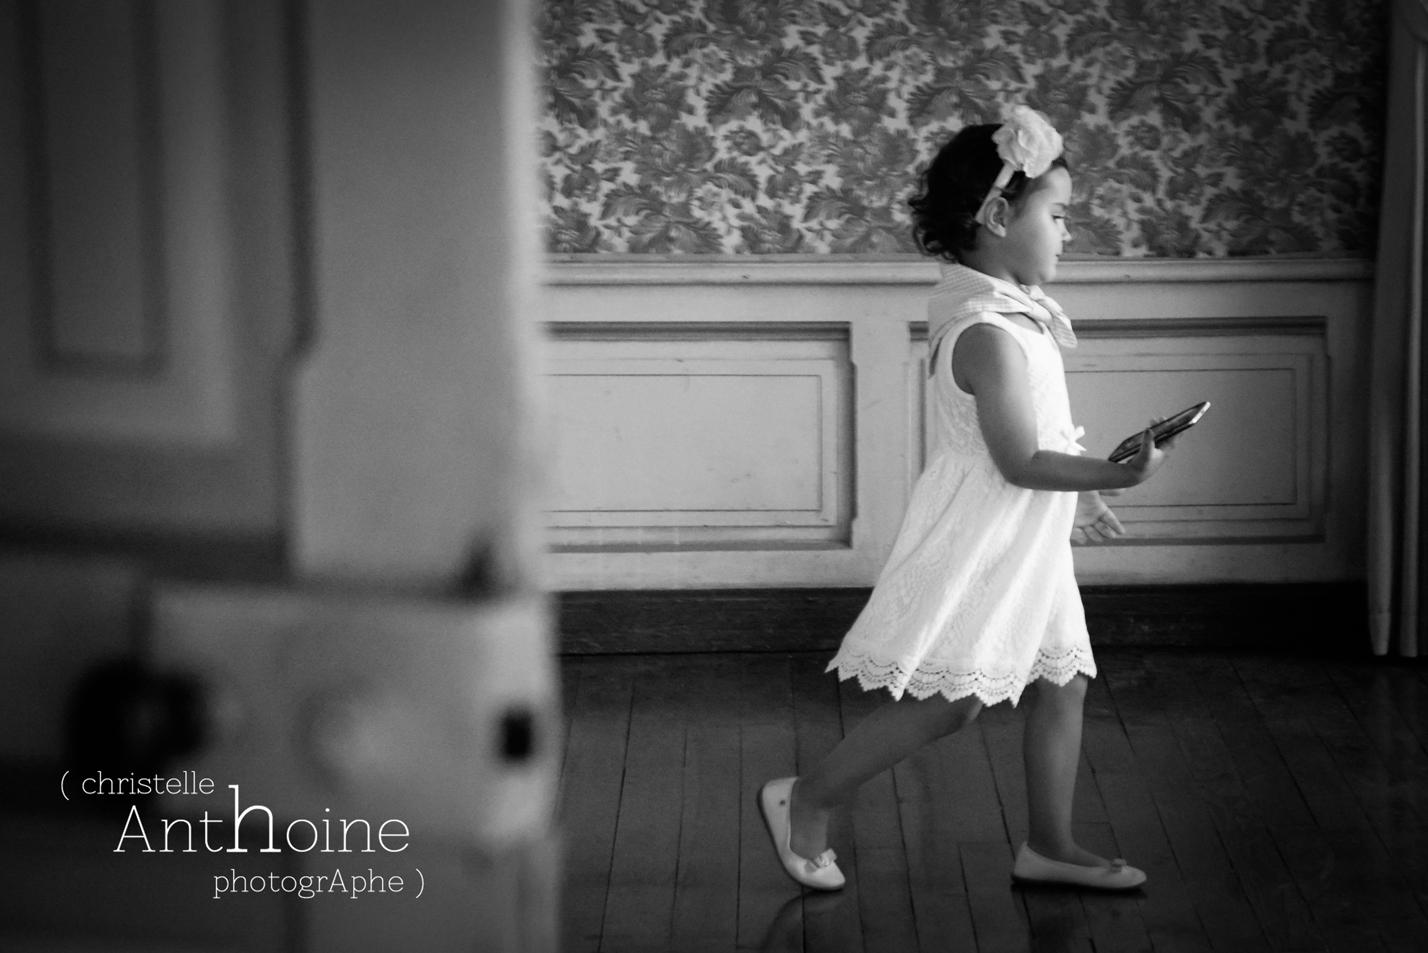 christelle anthoine photography portrait enfant photographe saint brieuc - Photographe Mariage Saint Brieuc